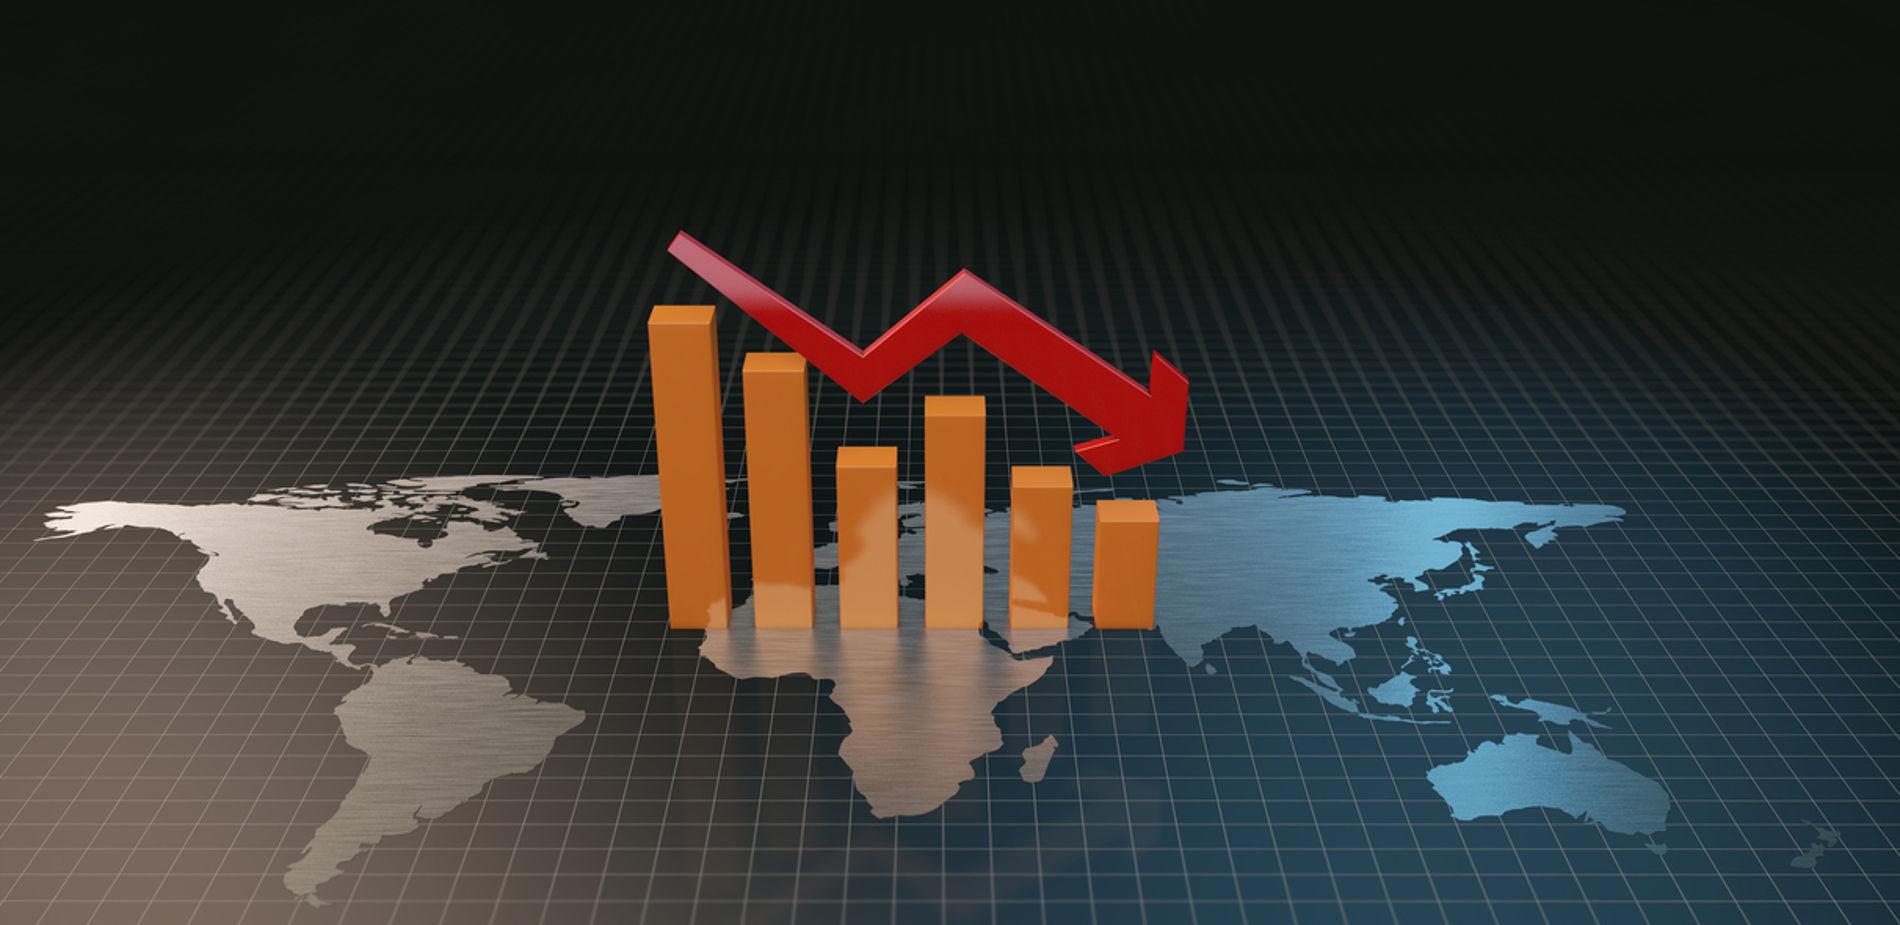 Recessão em 2020: Quais os impactos na economia?